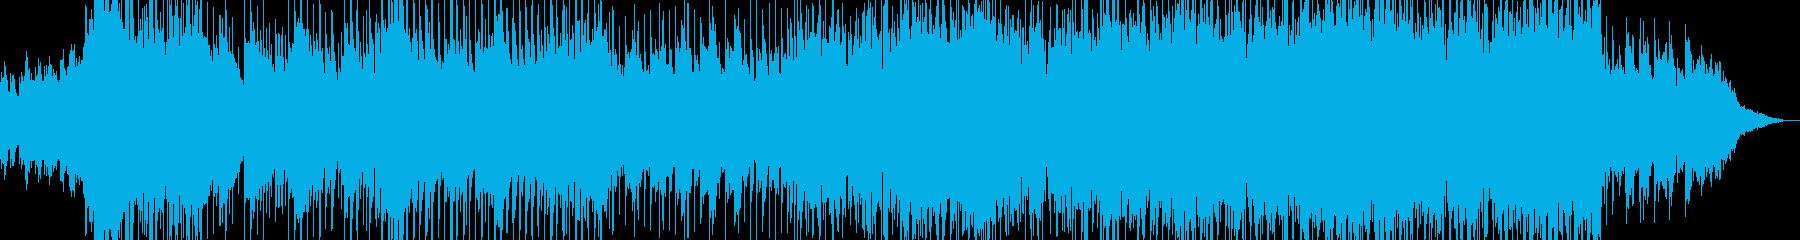 和風オーケストラ企業VPオープニングの再生済みの波形